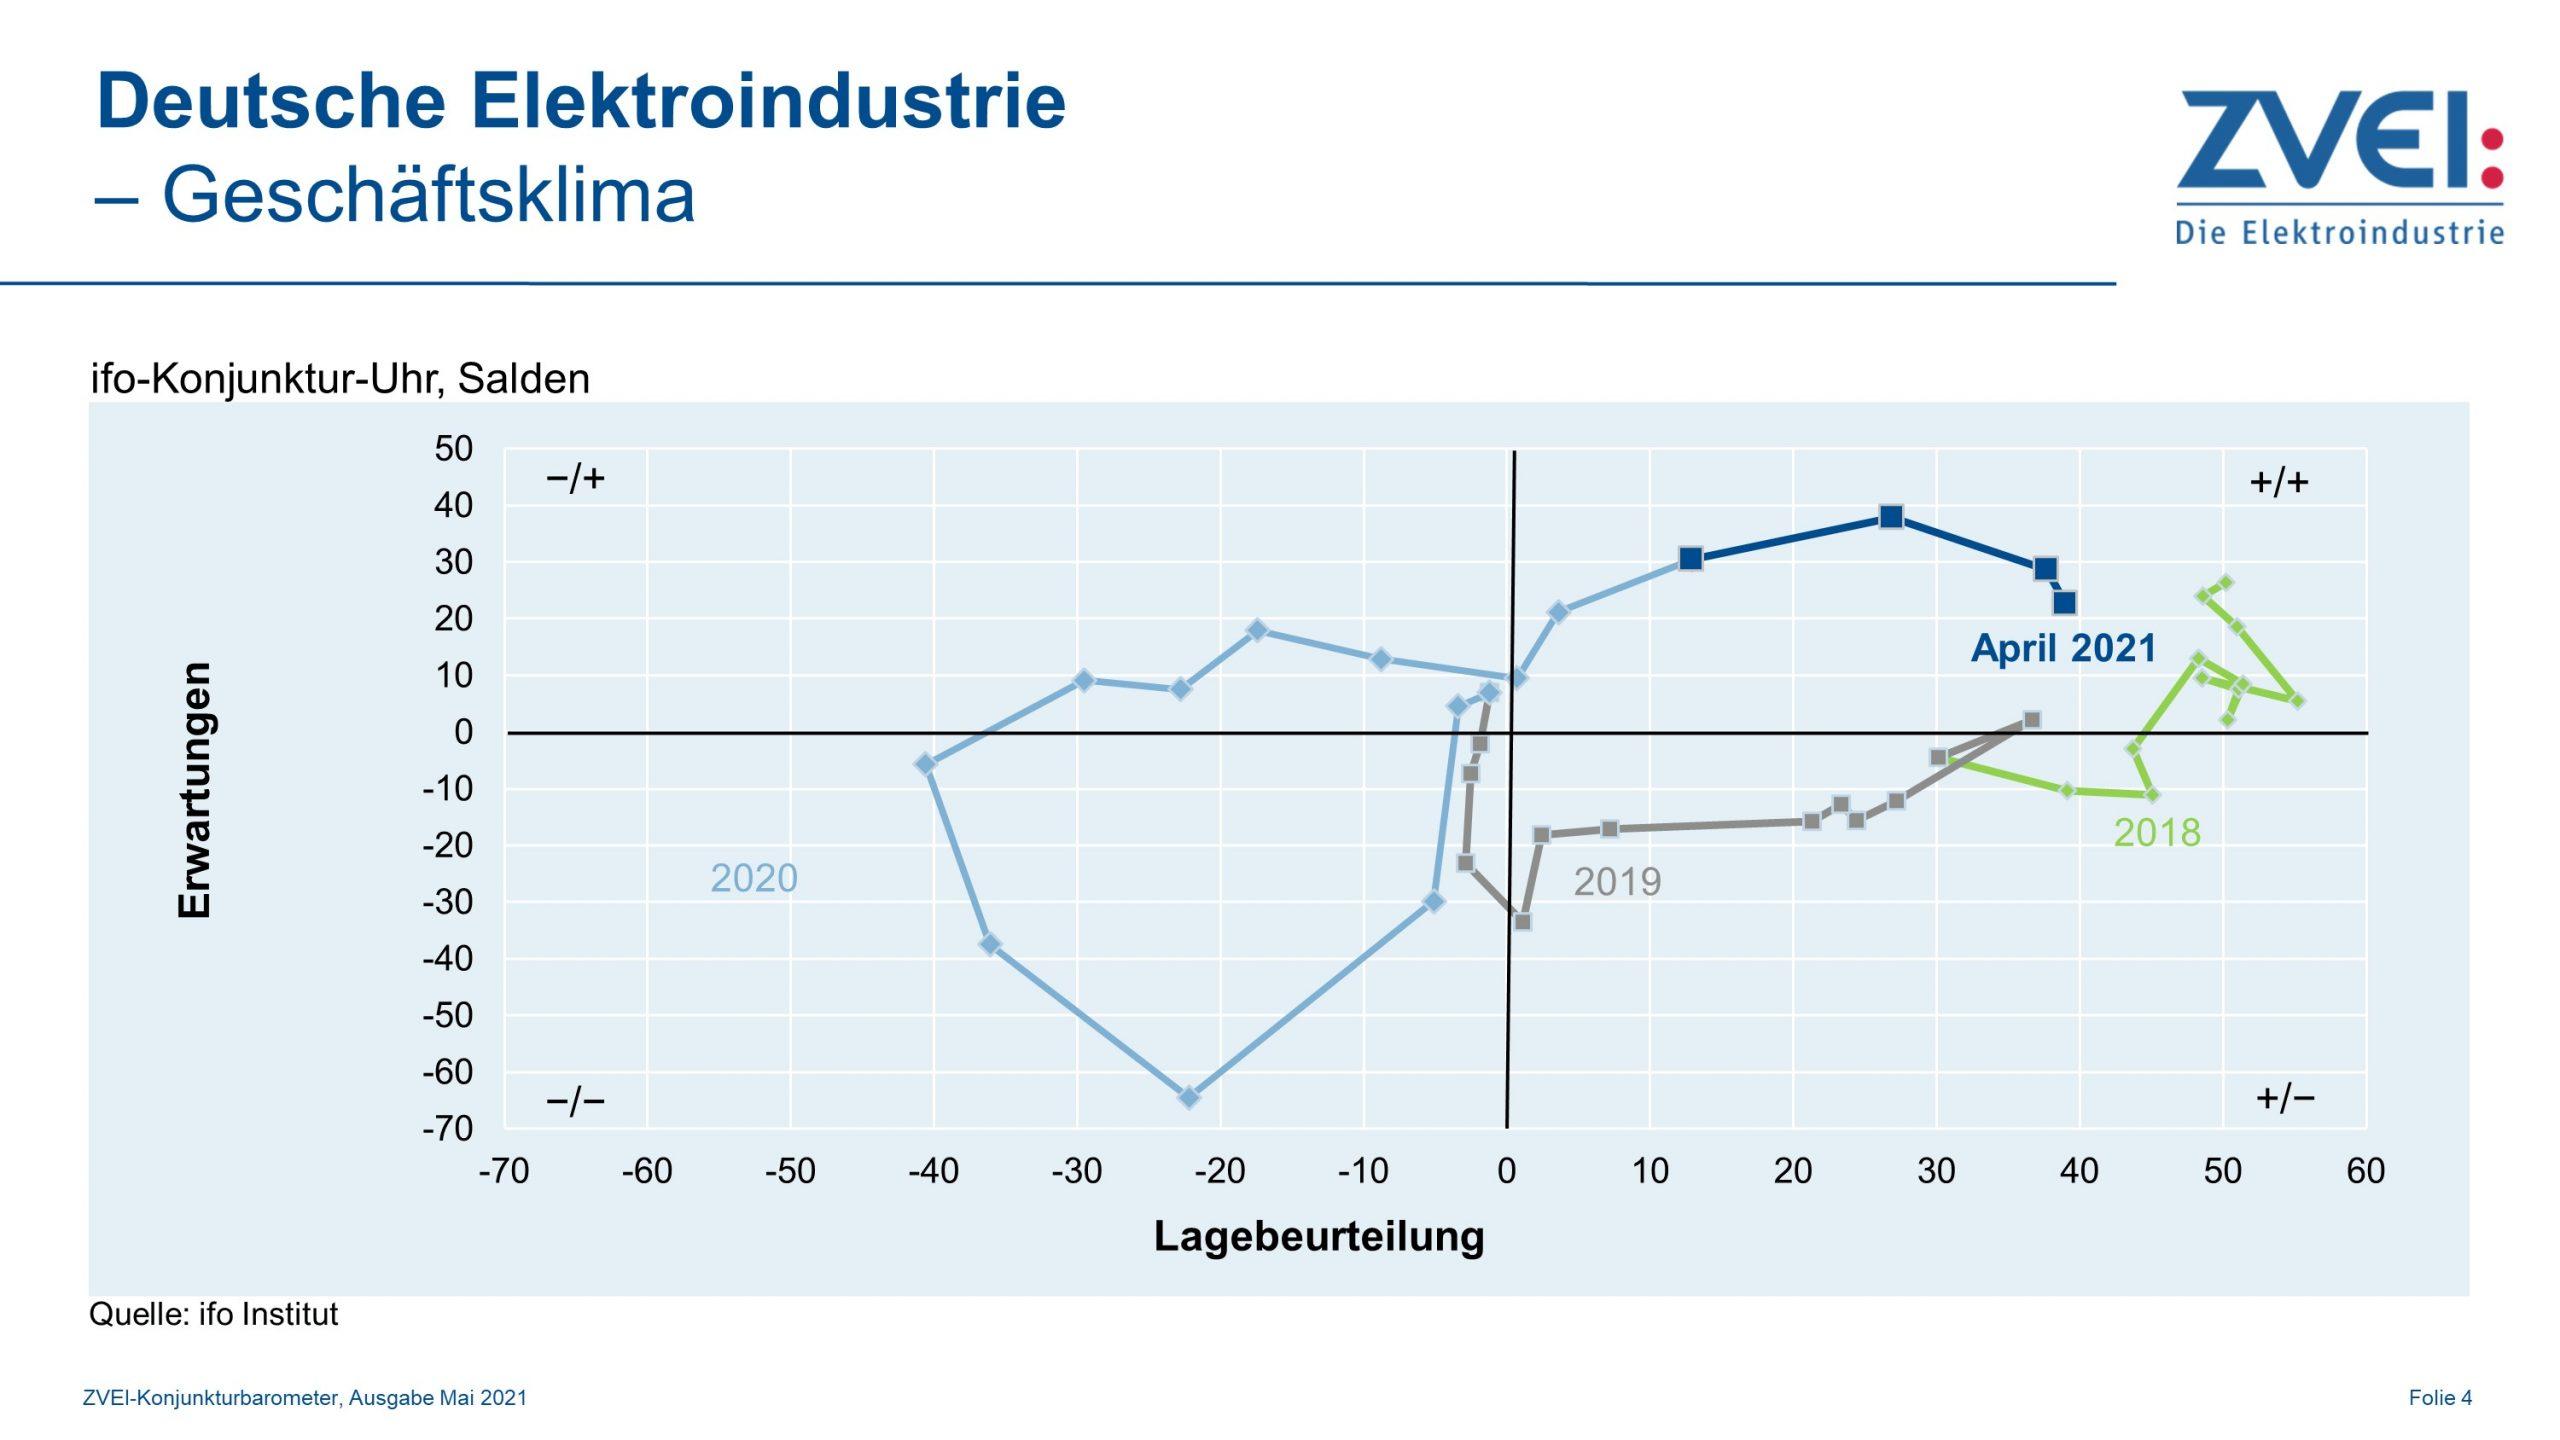 Geschäftsklima in der deutschen Elektroindustrie im April